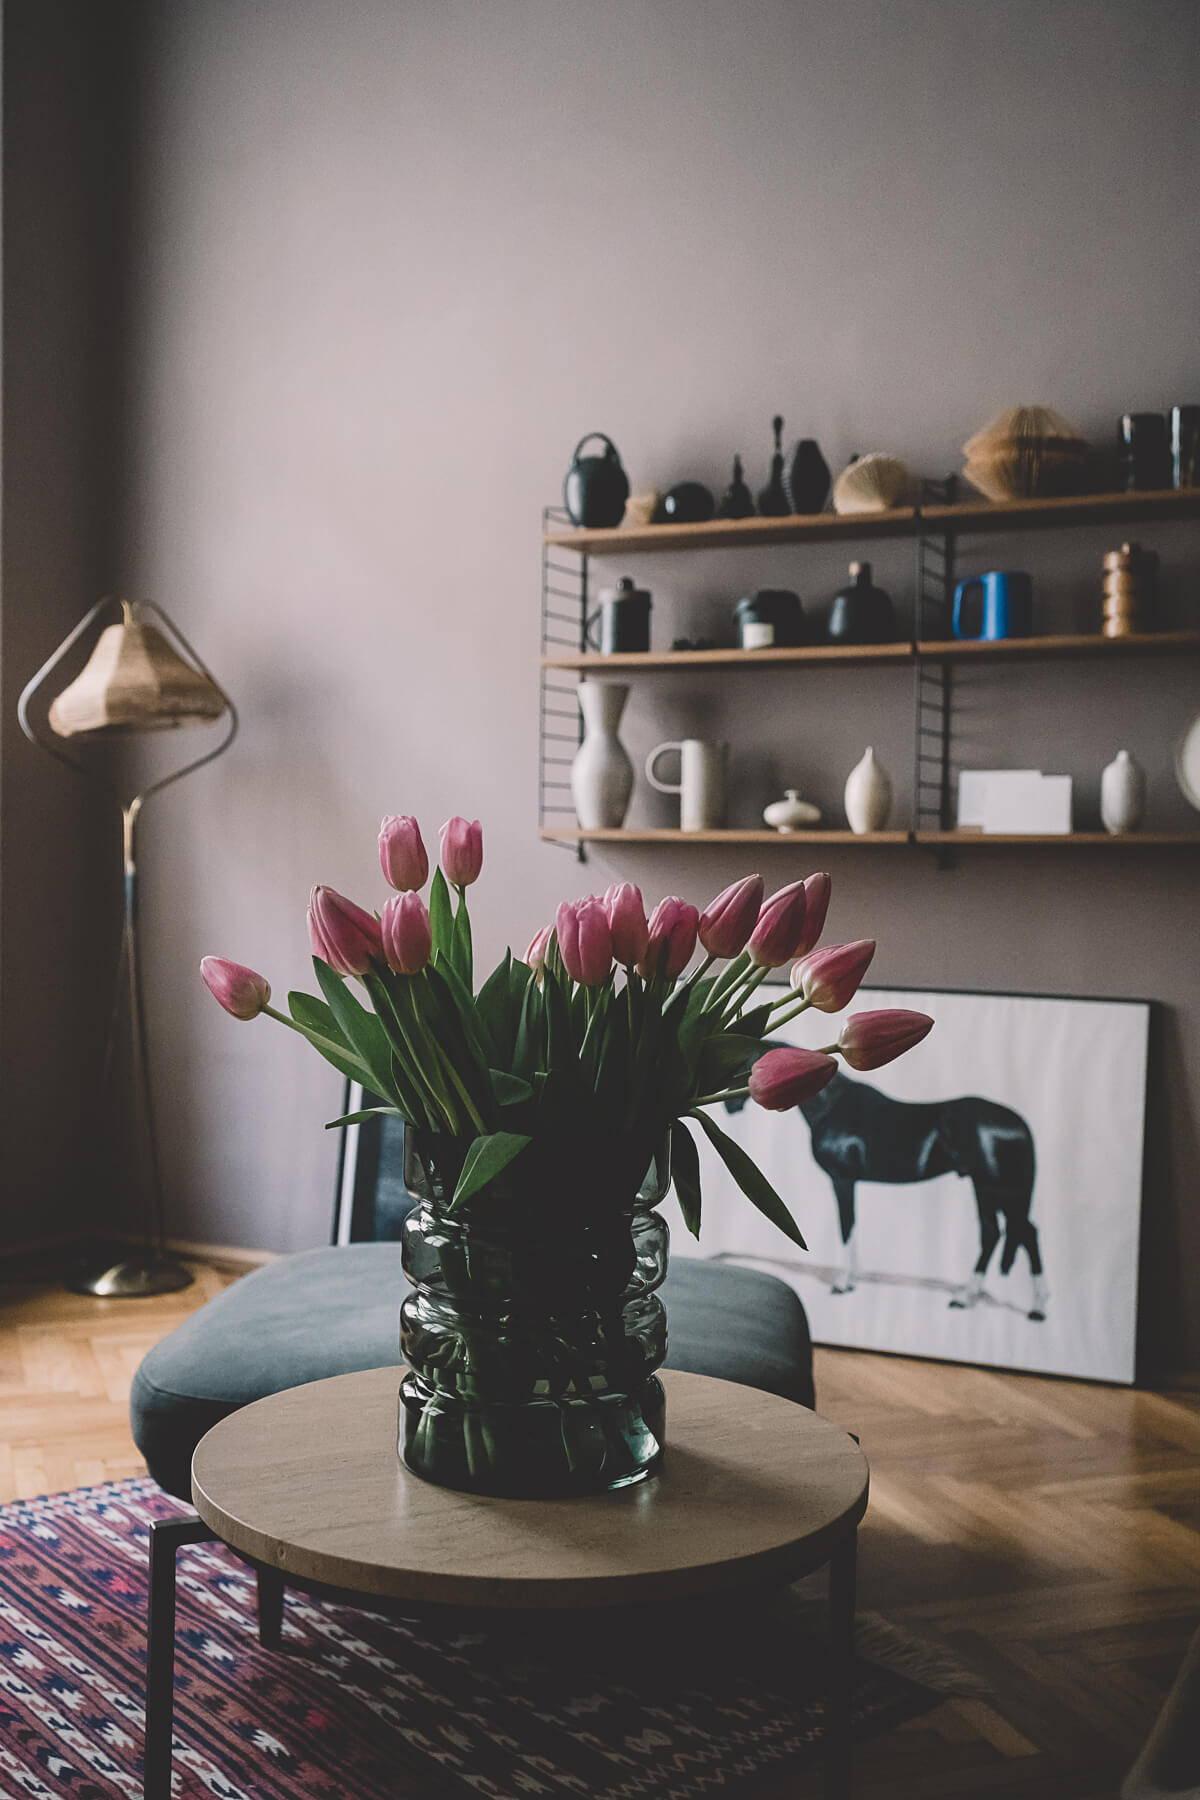 """Vase """"Hildegard"""" in rauchgrau aus der Sellerie-Kollektion"""